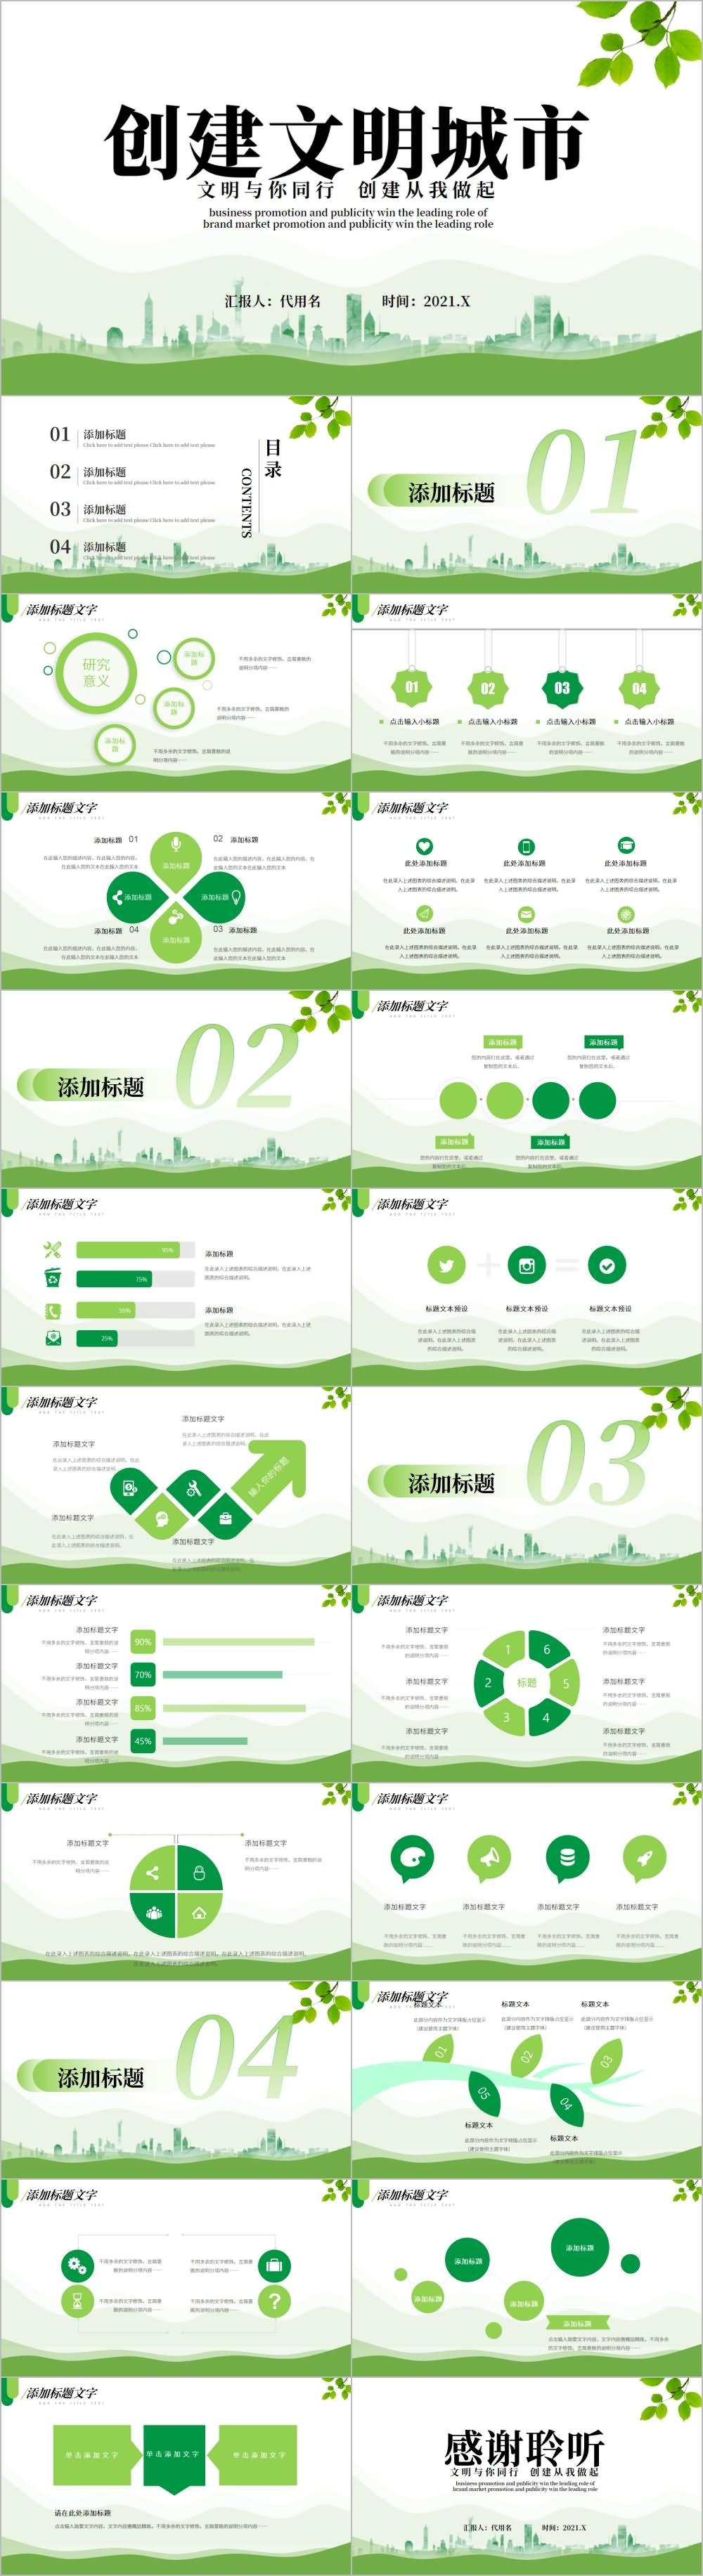 绿色超环保文明城市建设PPT模板